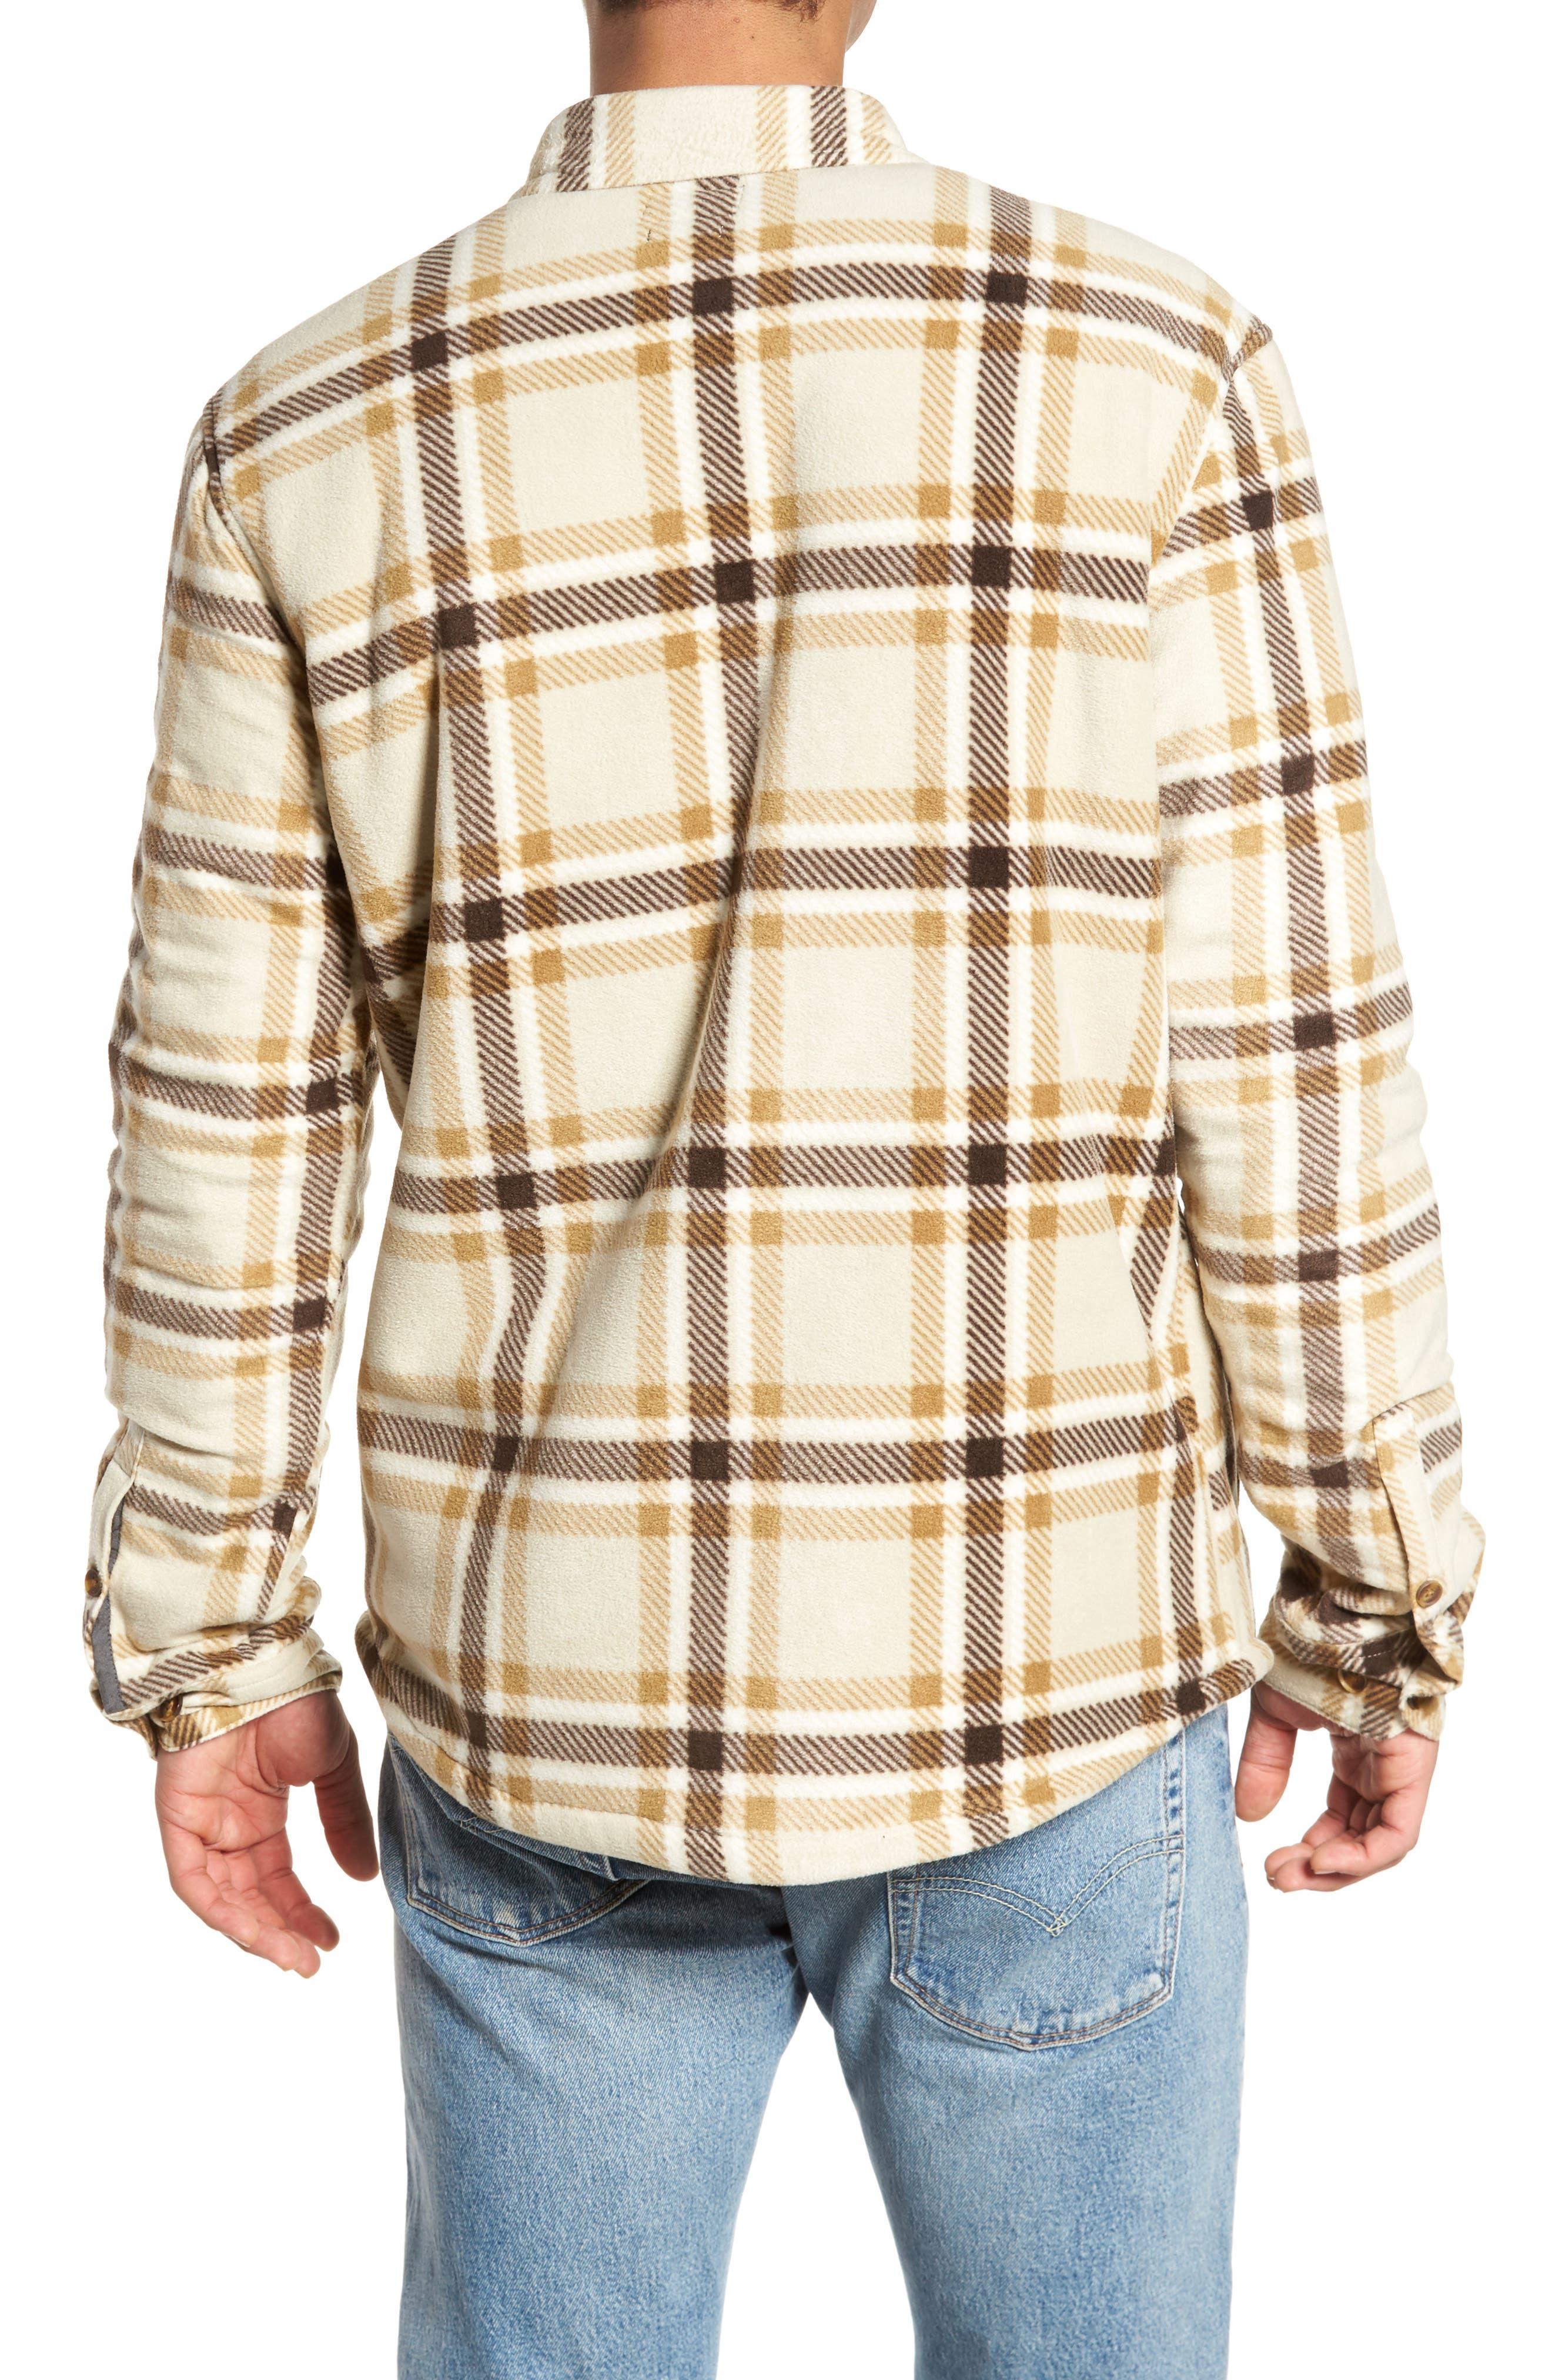 Glacier Heat Dome Plaid Fleece Shirt,                             Alternate thumbnail 2, color,                             250